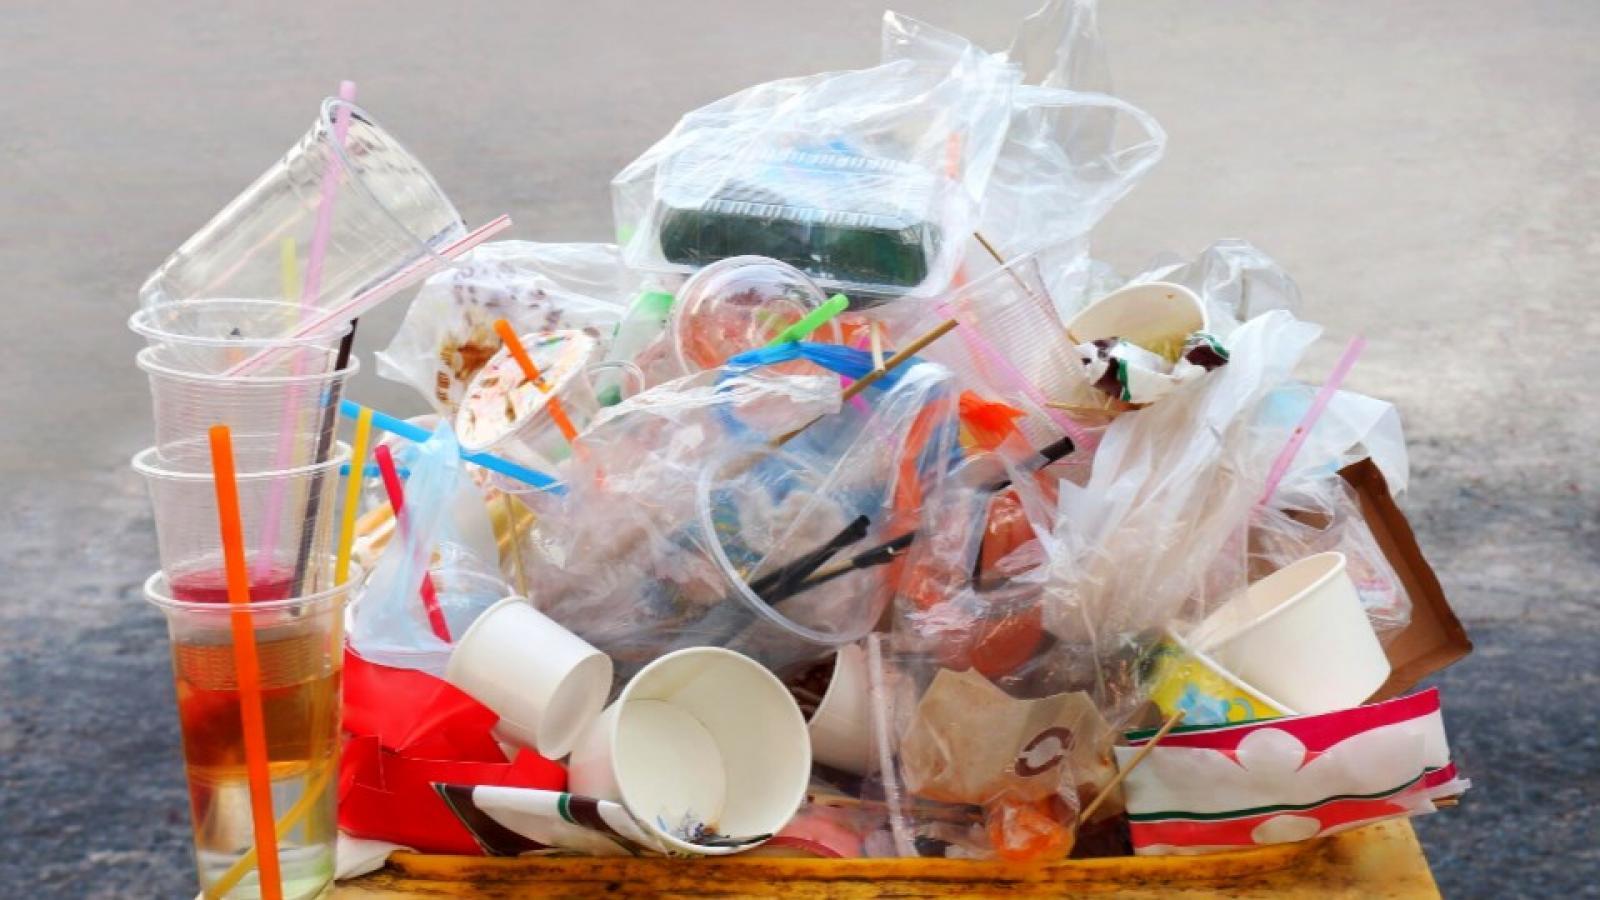 В России предлагают запретить пластиковую посуду